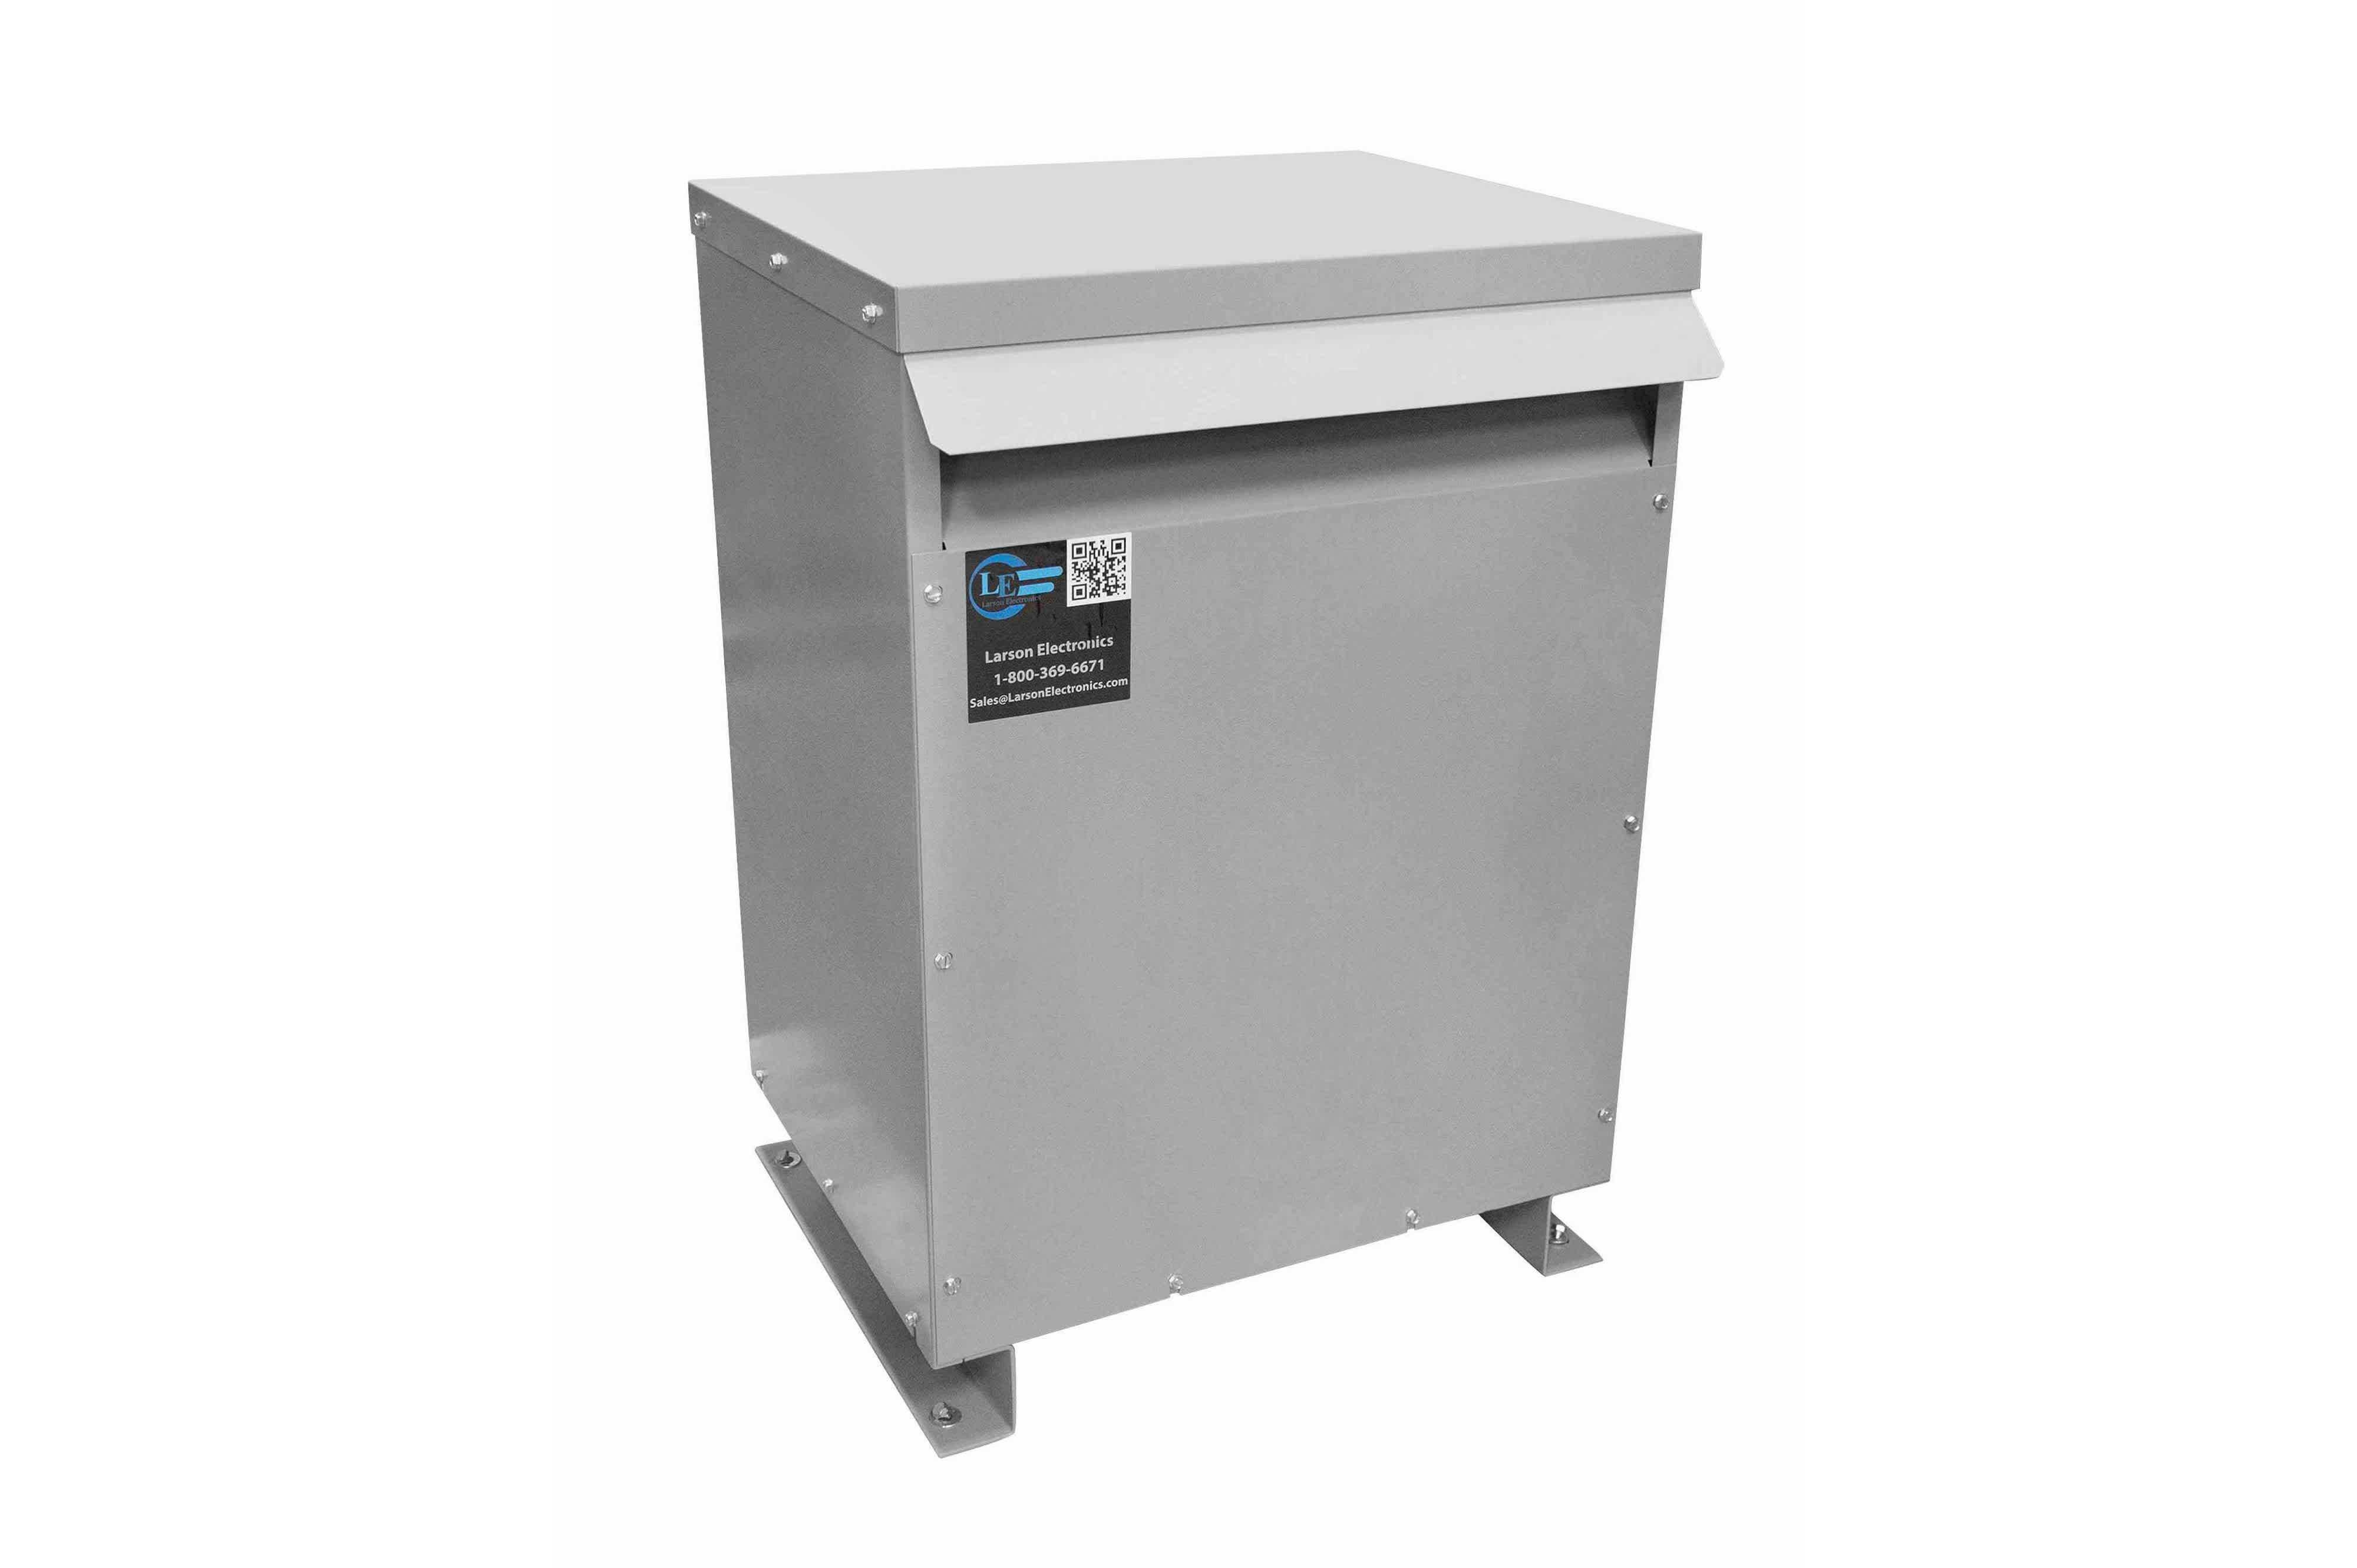 100 kVA 3PH DOE Transformer, 480V Delta Primary, 240V/120 Delta Secondary, N3R, Ventilated, 60 Hz